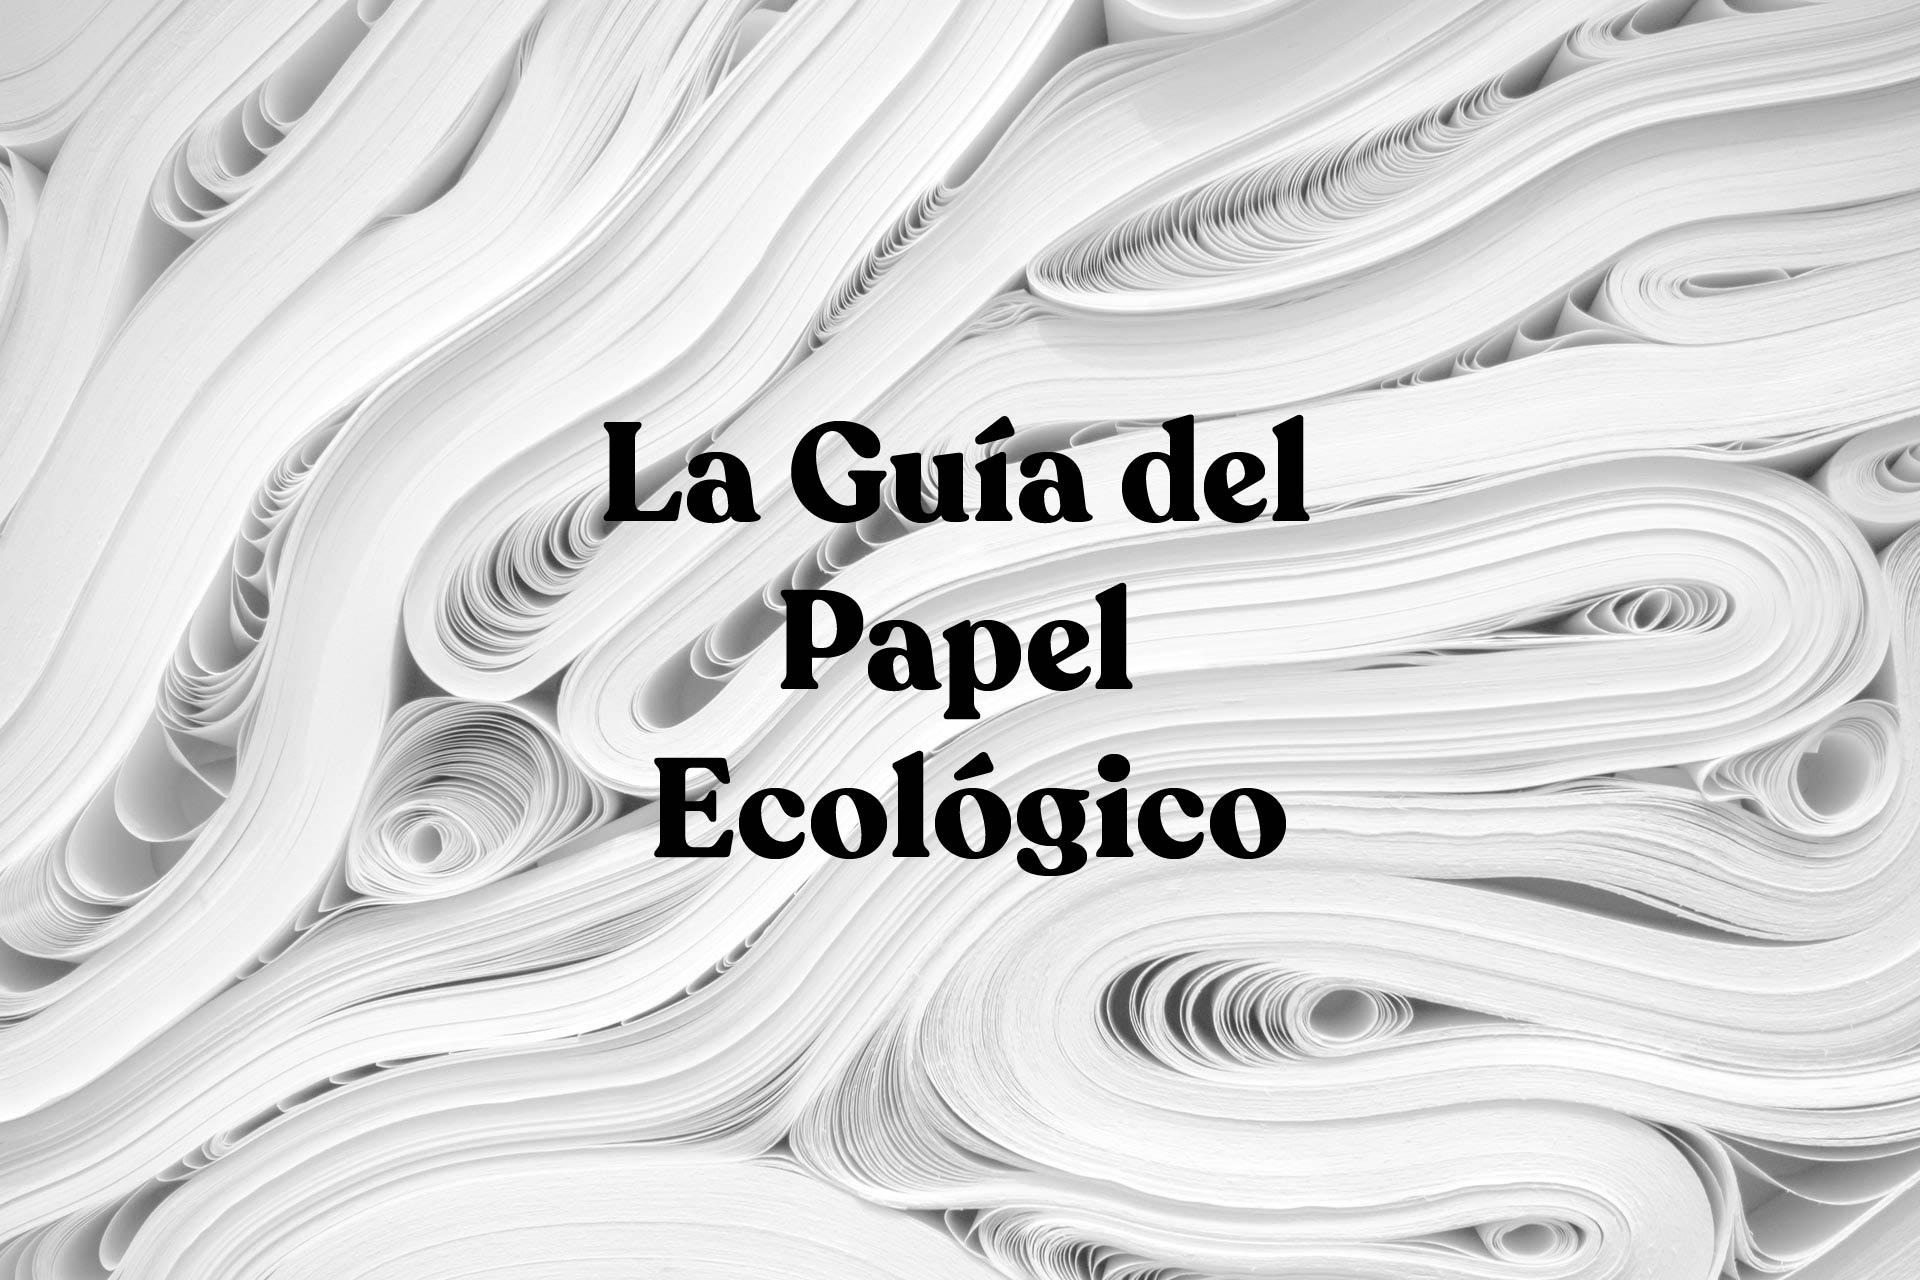 papeles ecologicos